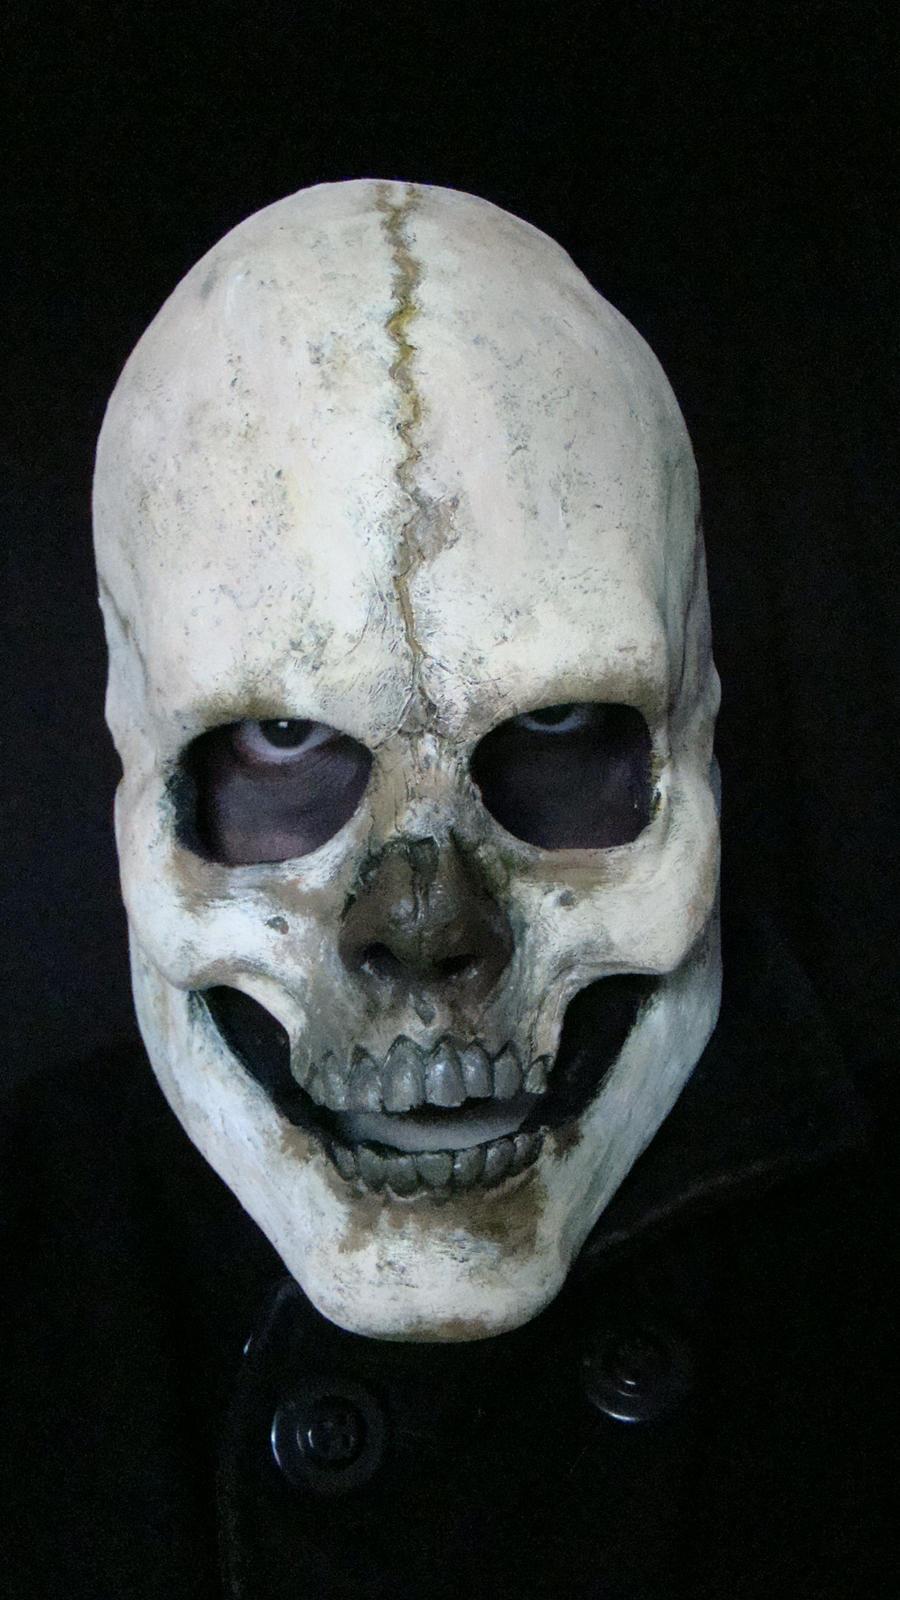 Sid Wilson Vol 3 Skull Mask 5 by purplenothing on DeviantArt